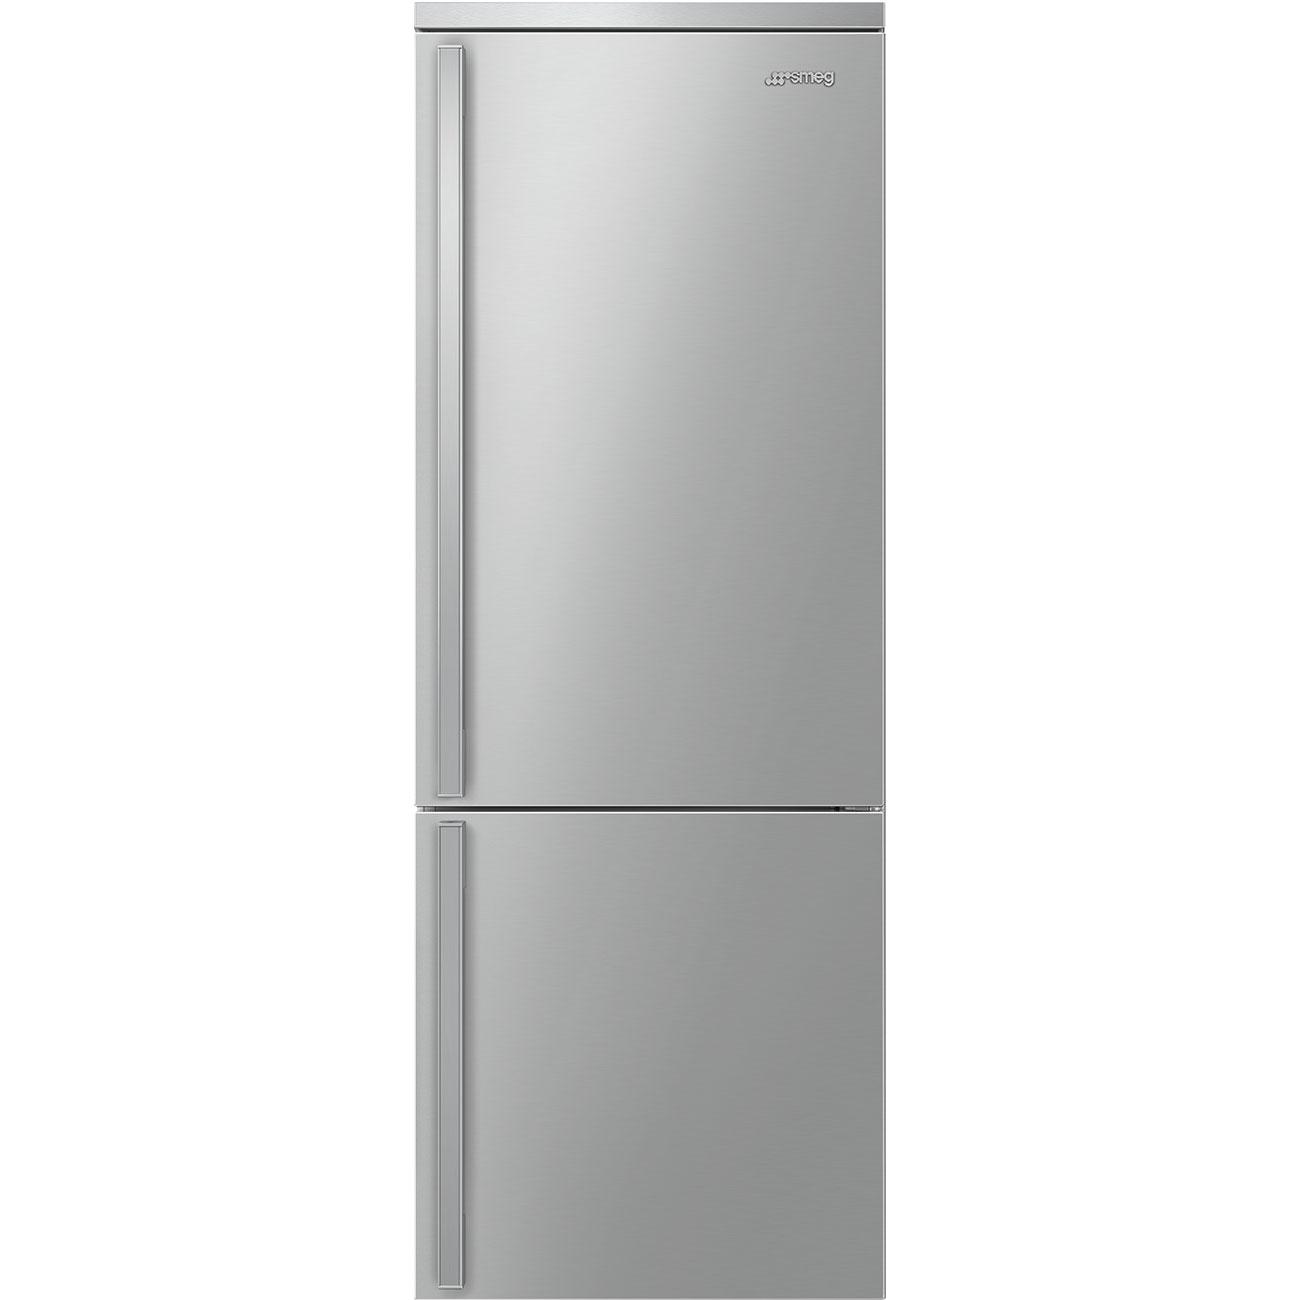 FA490RX5